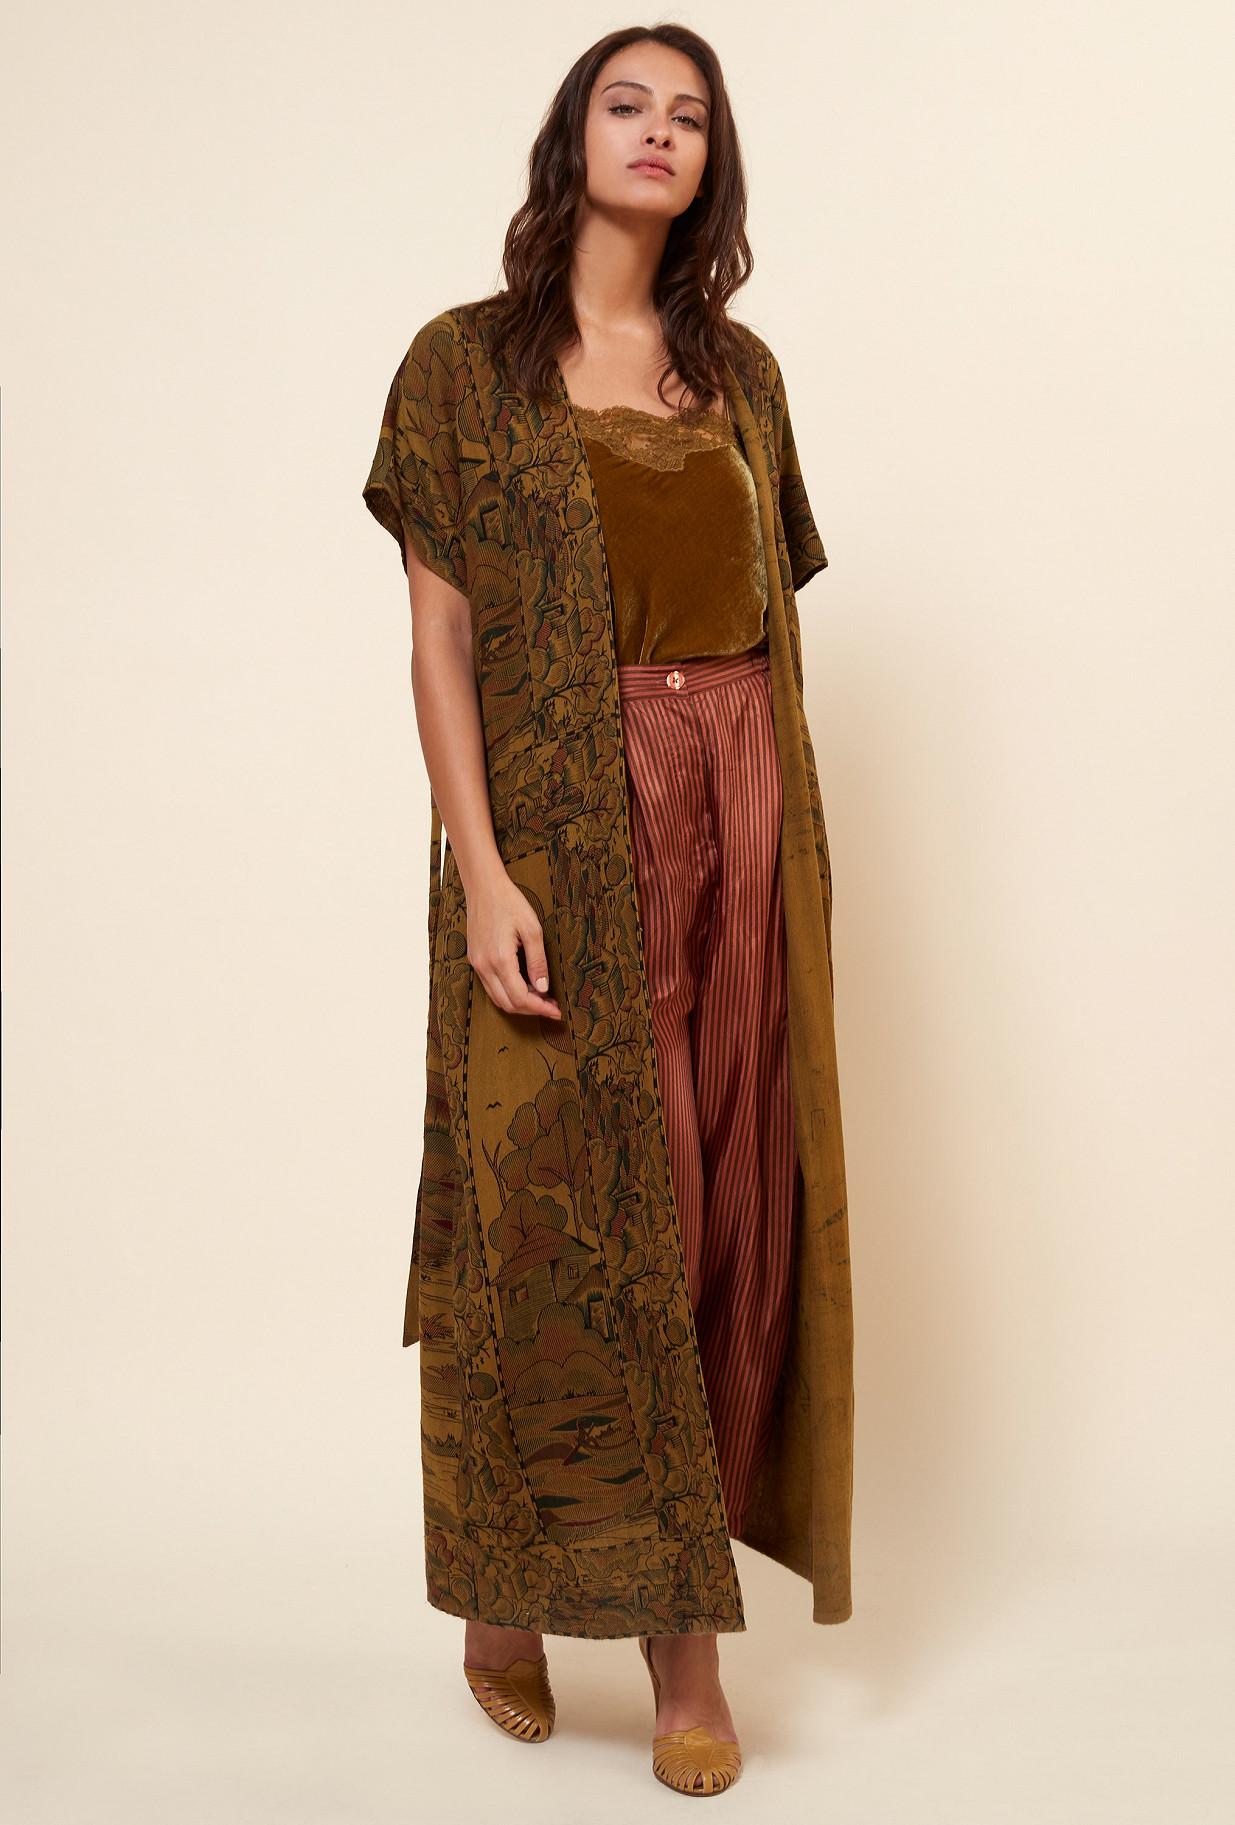 Paris clothes store KIMONO  Cypress french designer fashion Paris